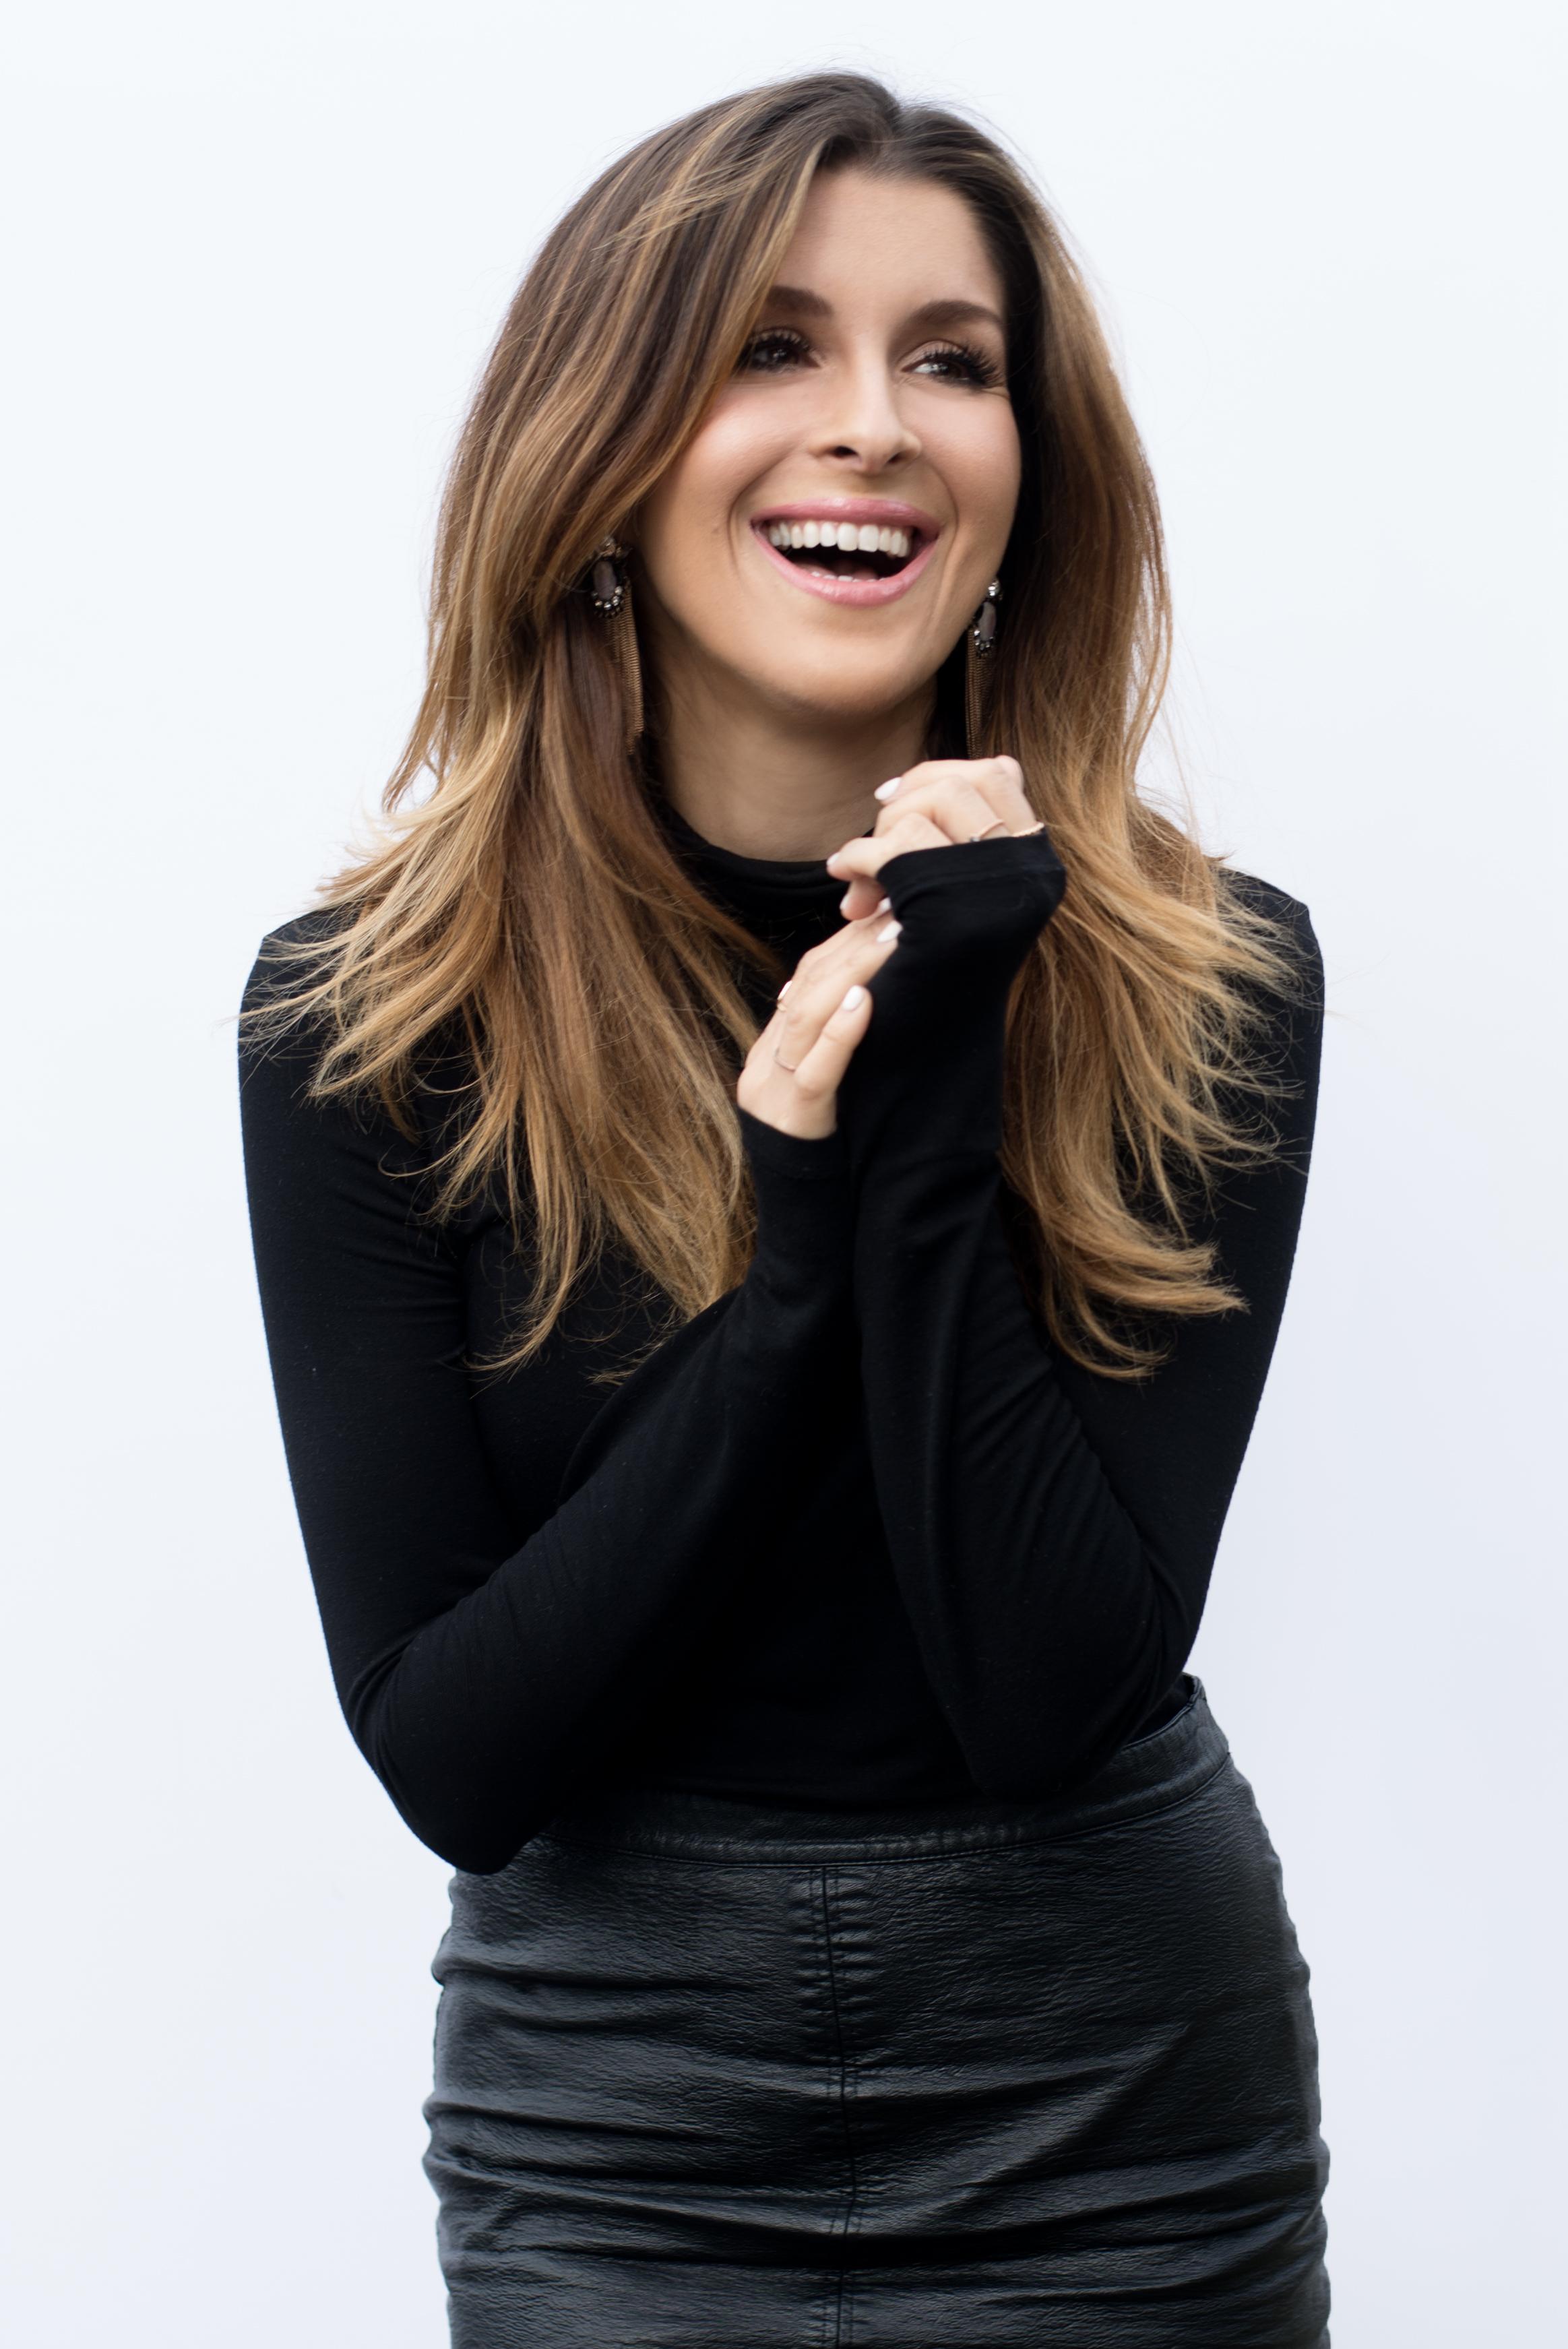 Jessica Hoffman Beauty Expert